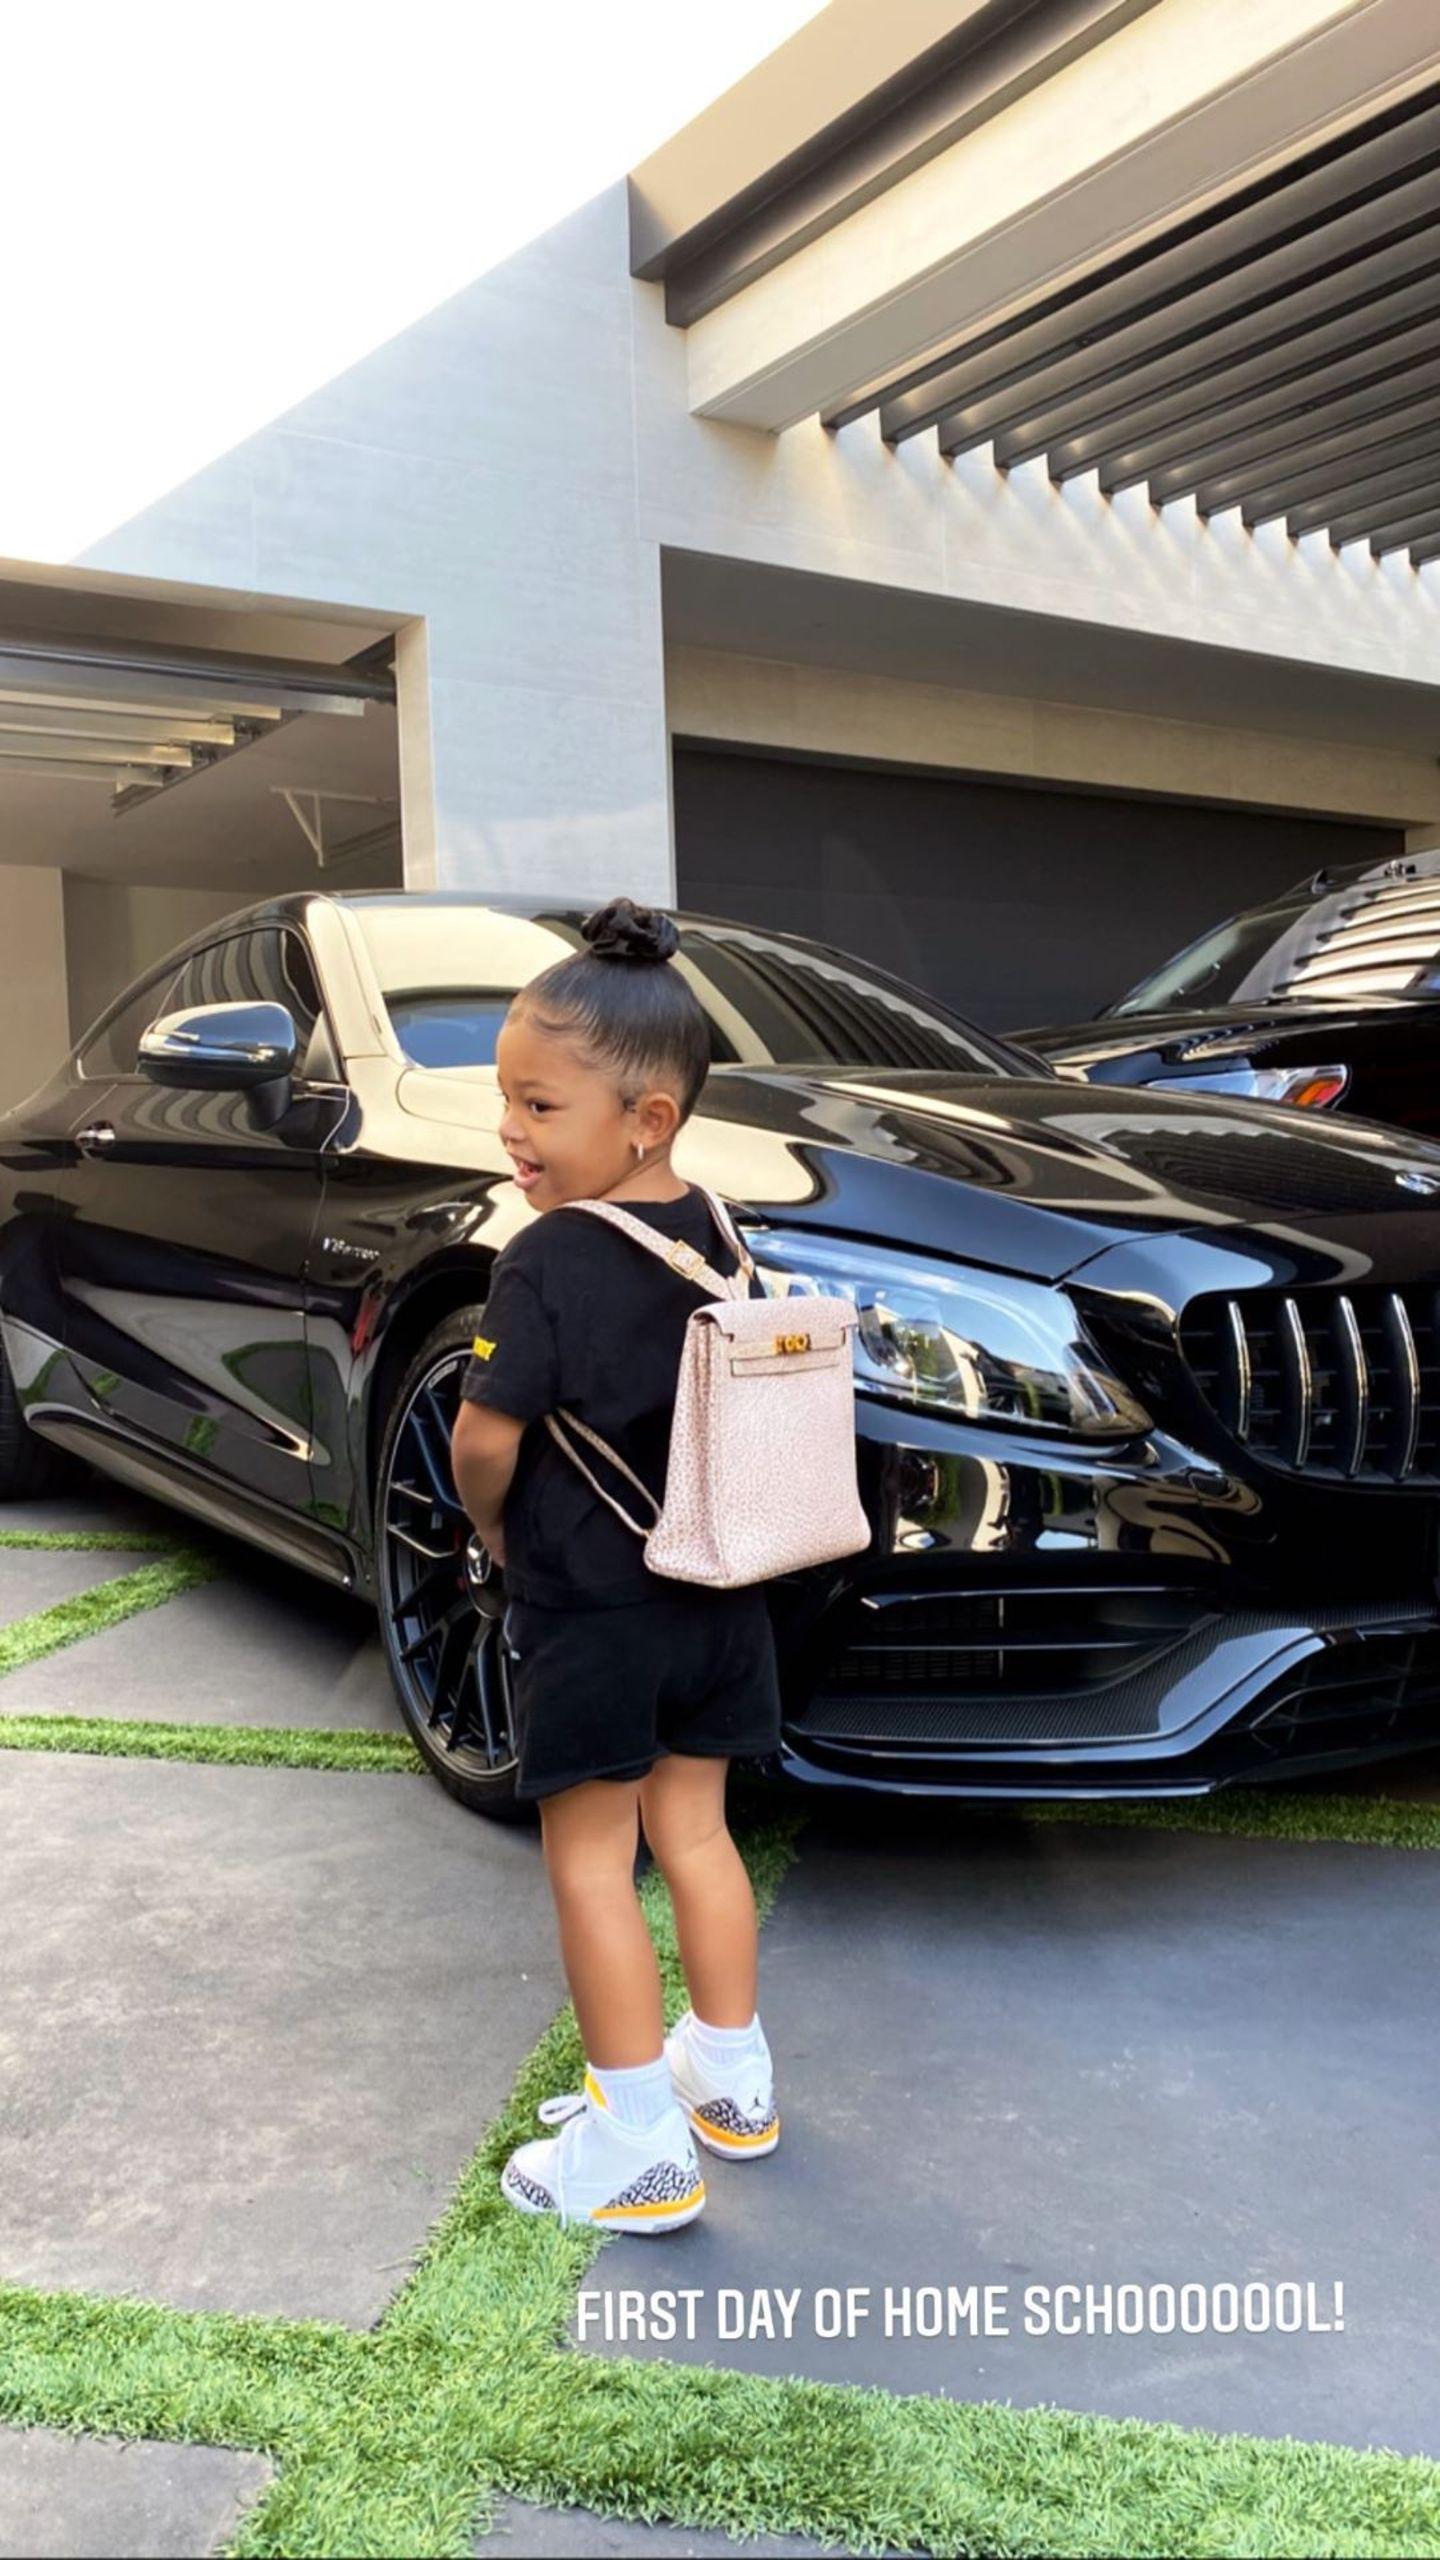 Die kleine Stormi ist auf dem Weg zum Homeschooling. Hierfür hat sich die Zweijährige ordentlich in Schale geschmissen: Sie trägt ein schwarzes T-Shirt-Kleid und coole Jordan-Sneaker.Besonderer Hingucker ist jedoch ihr rosafarbener Rucksack von Hermès - dieser hat einen Hingucker-Preis von rund 17.500 Euro.